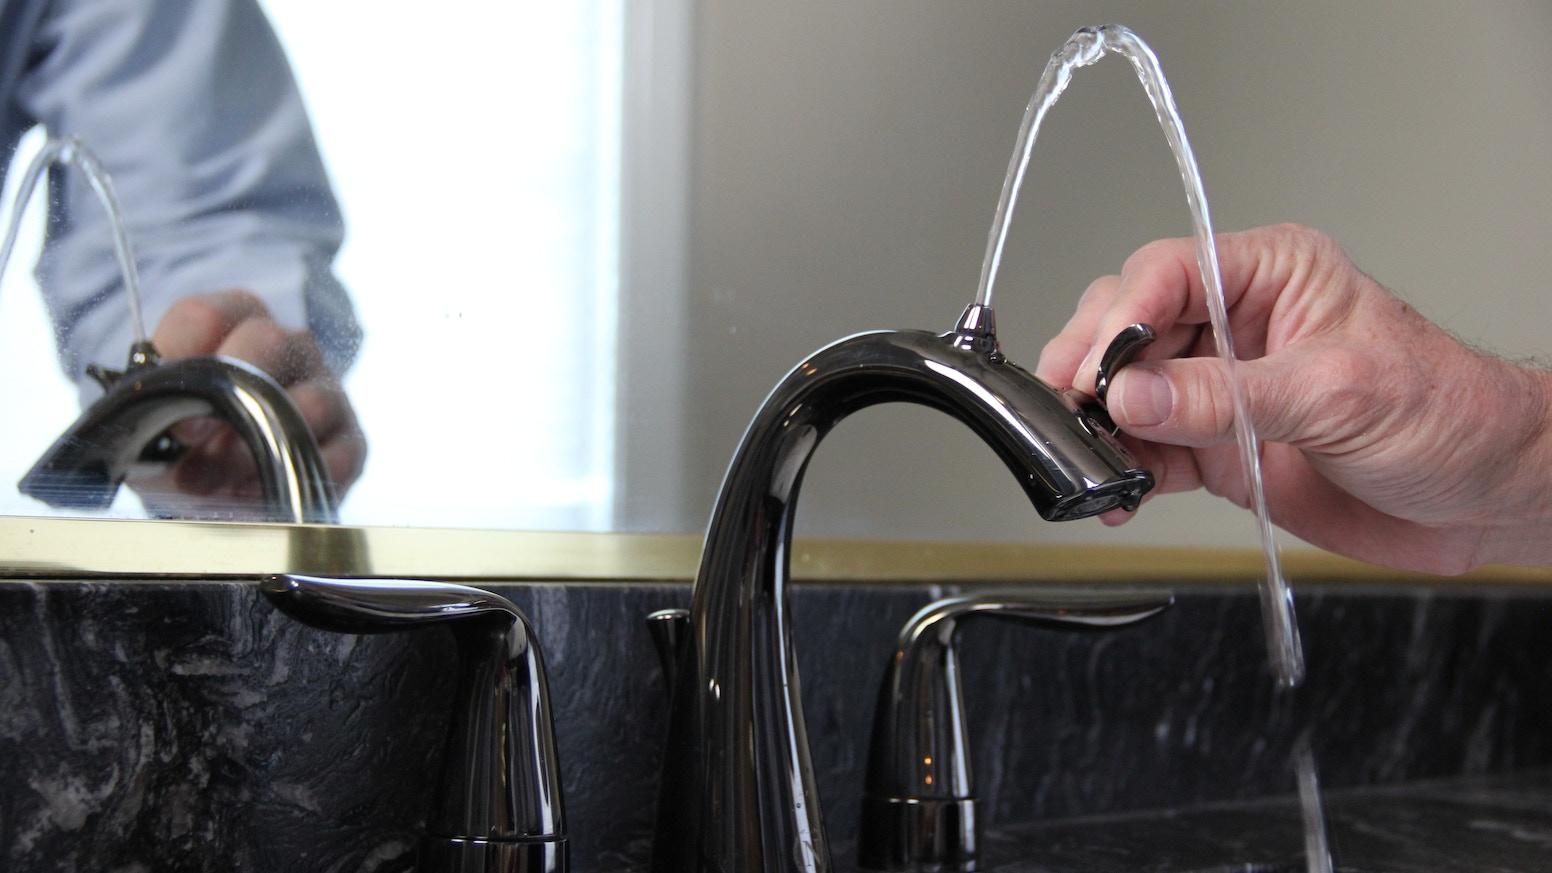 Da Vinci Fountain Faucet The Future Of